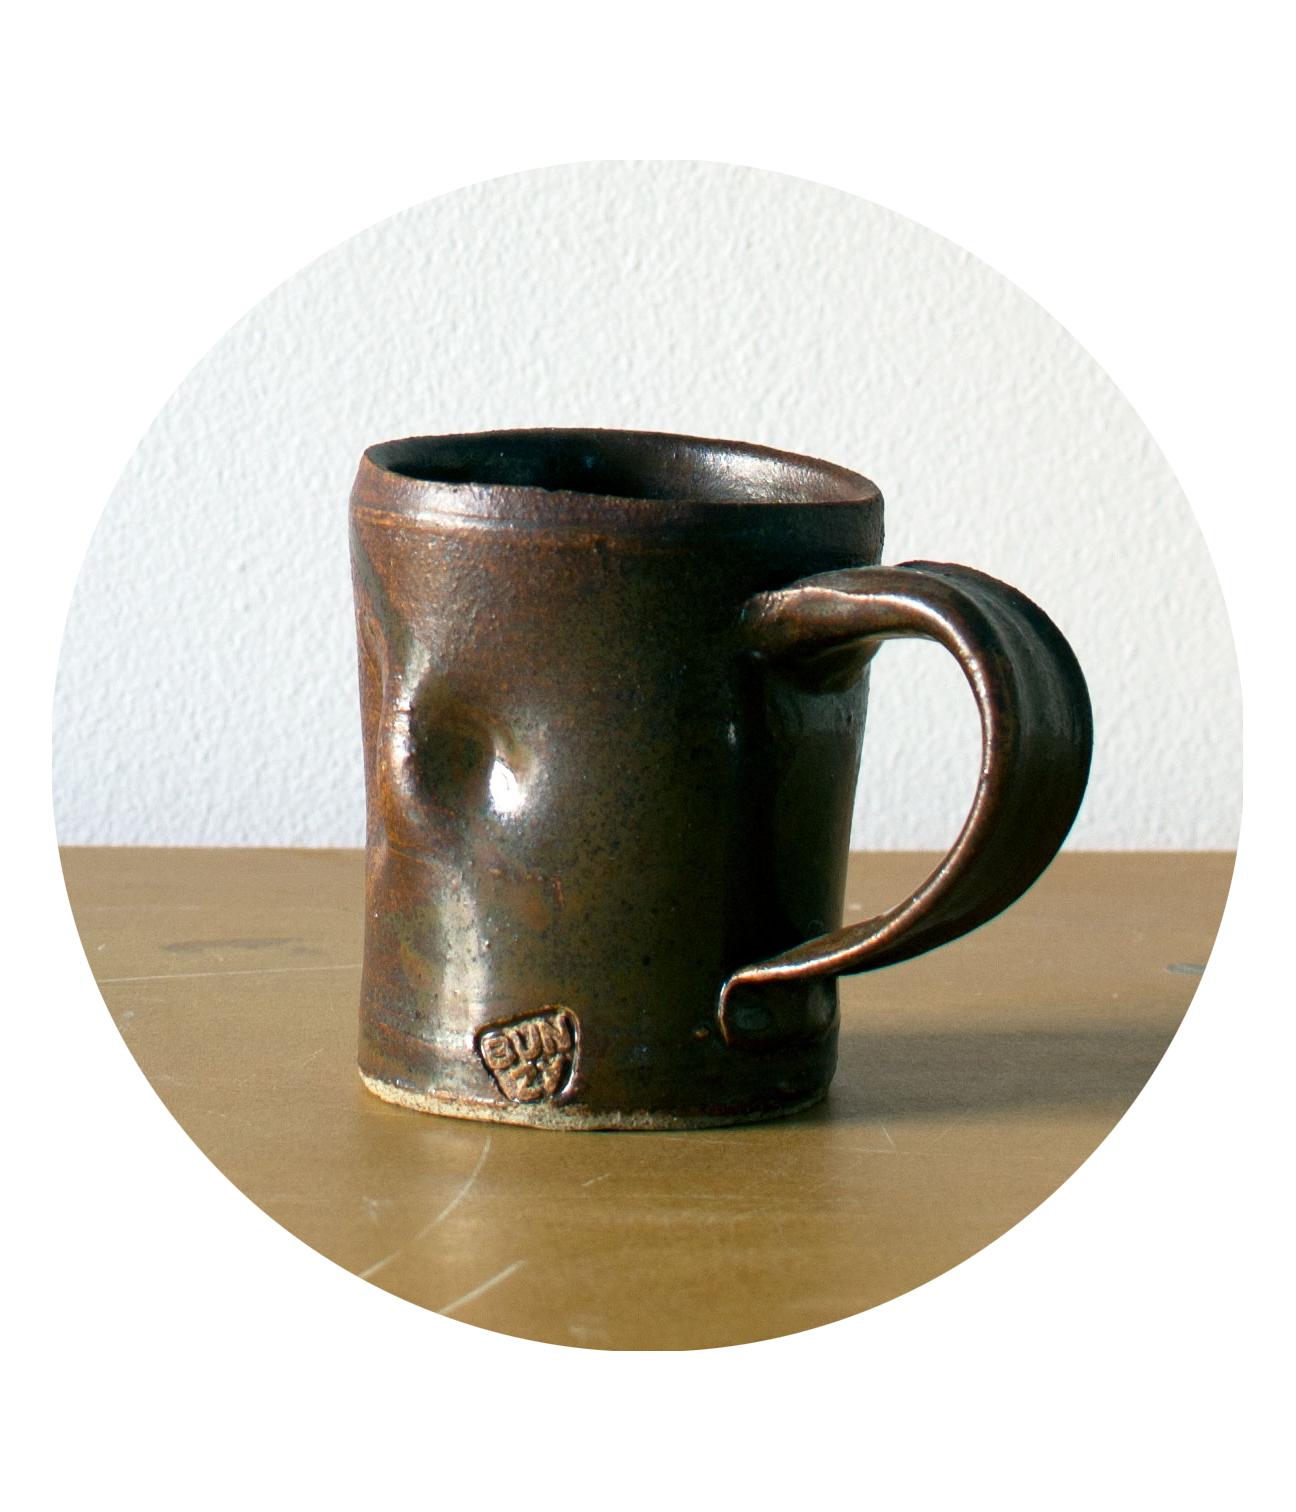 Bech Evan's mug by Bunzy Sherman